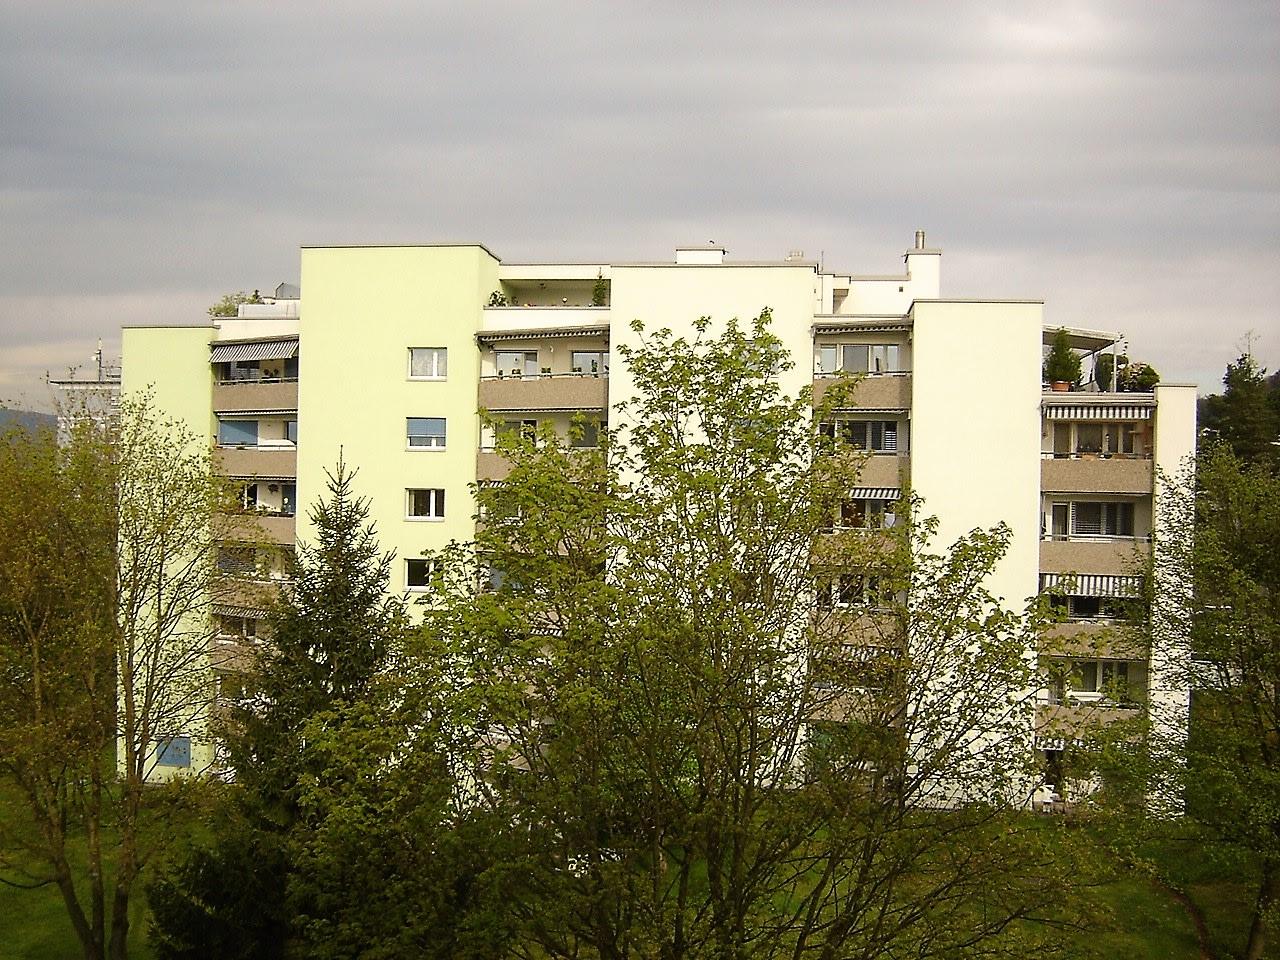 Gartenstrasse 11